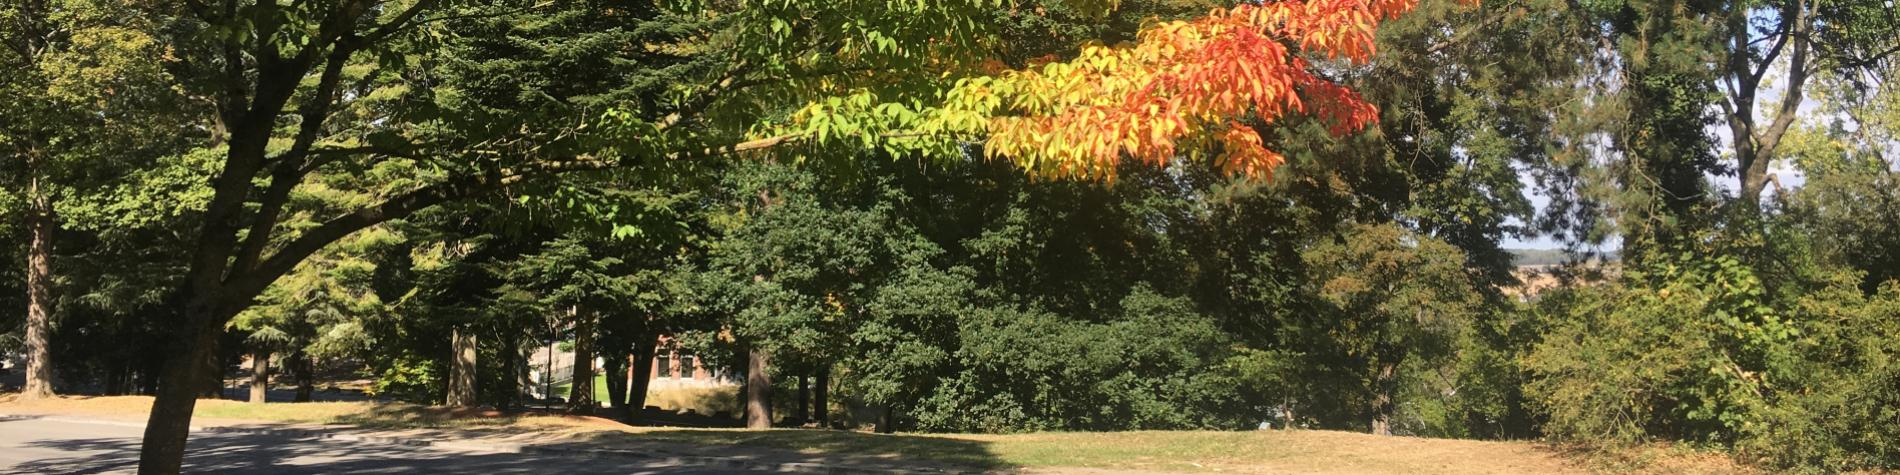 Arboretum - Citadelle- de -Namur